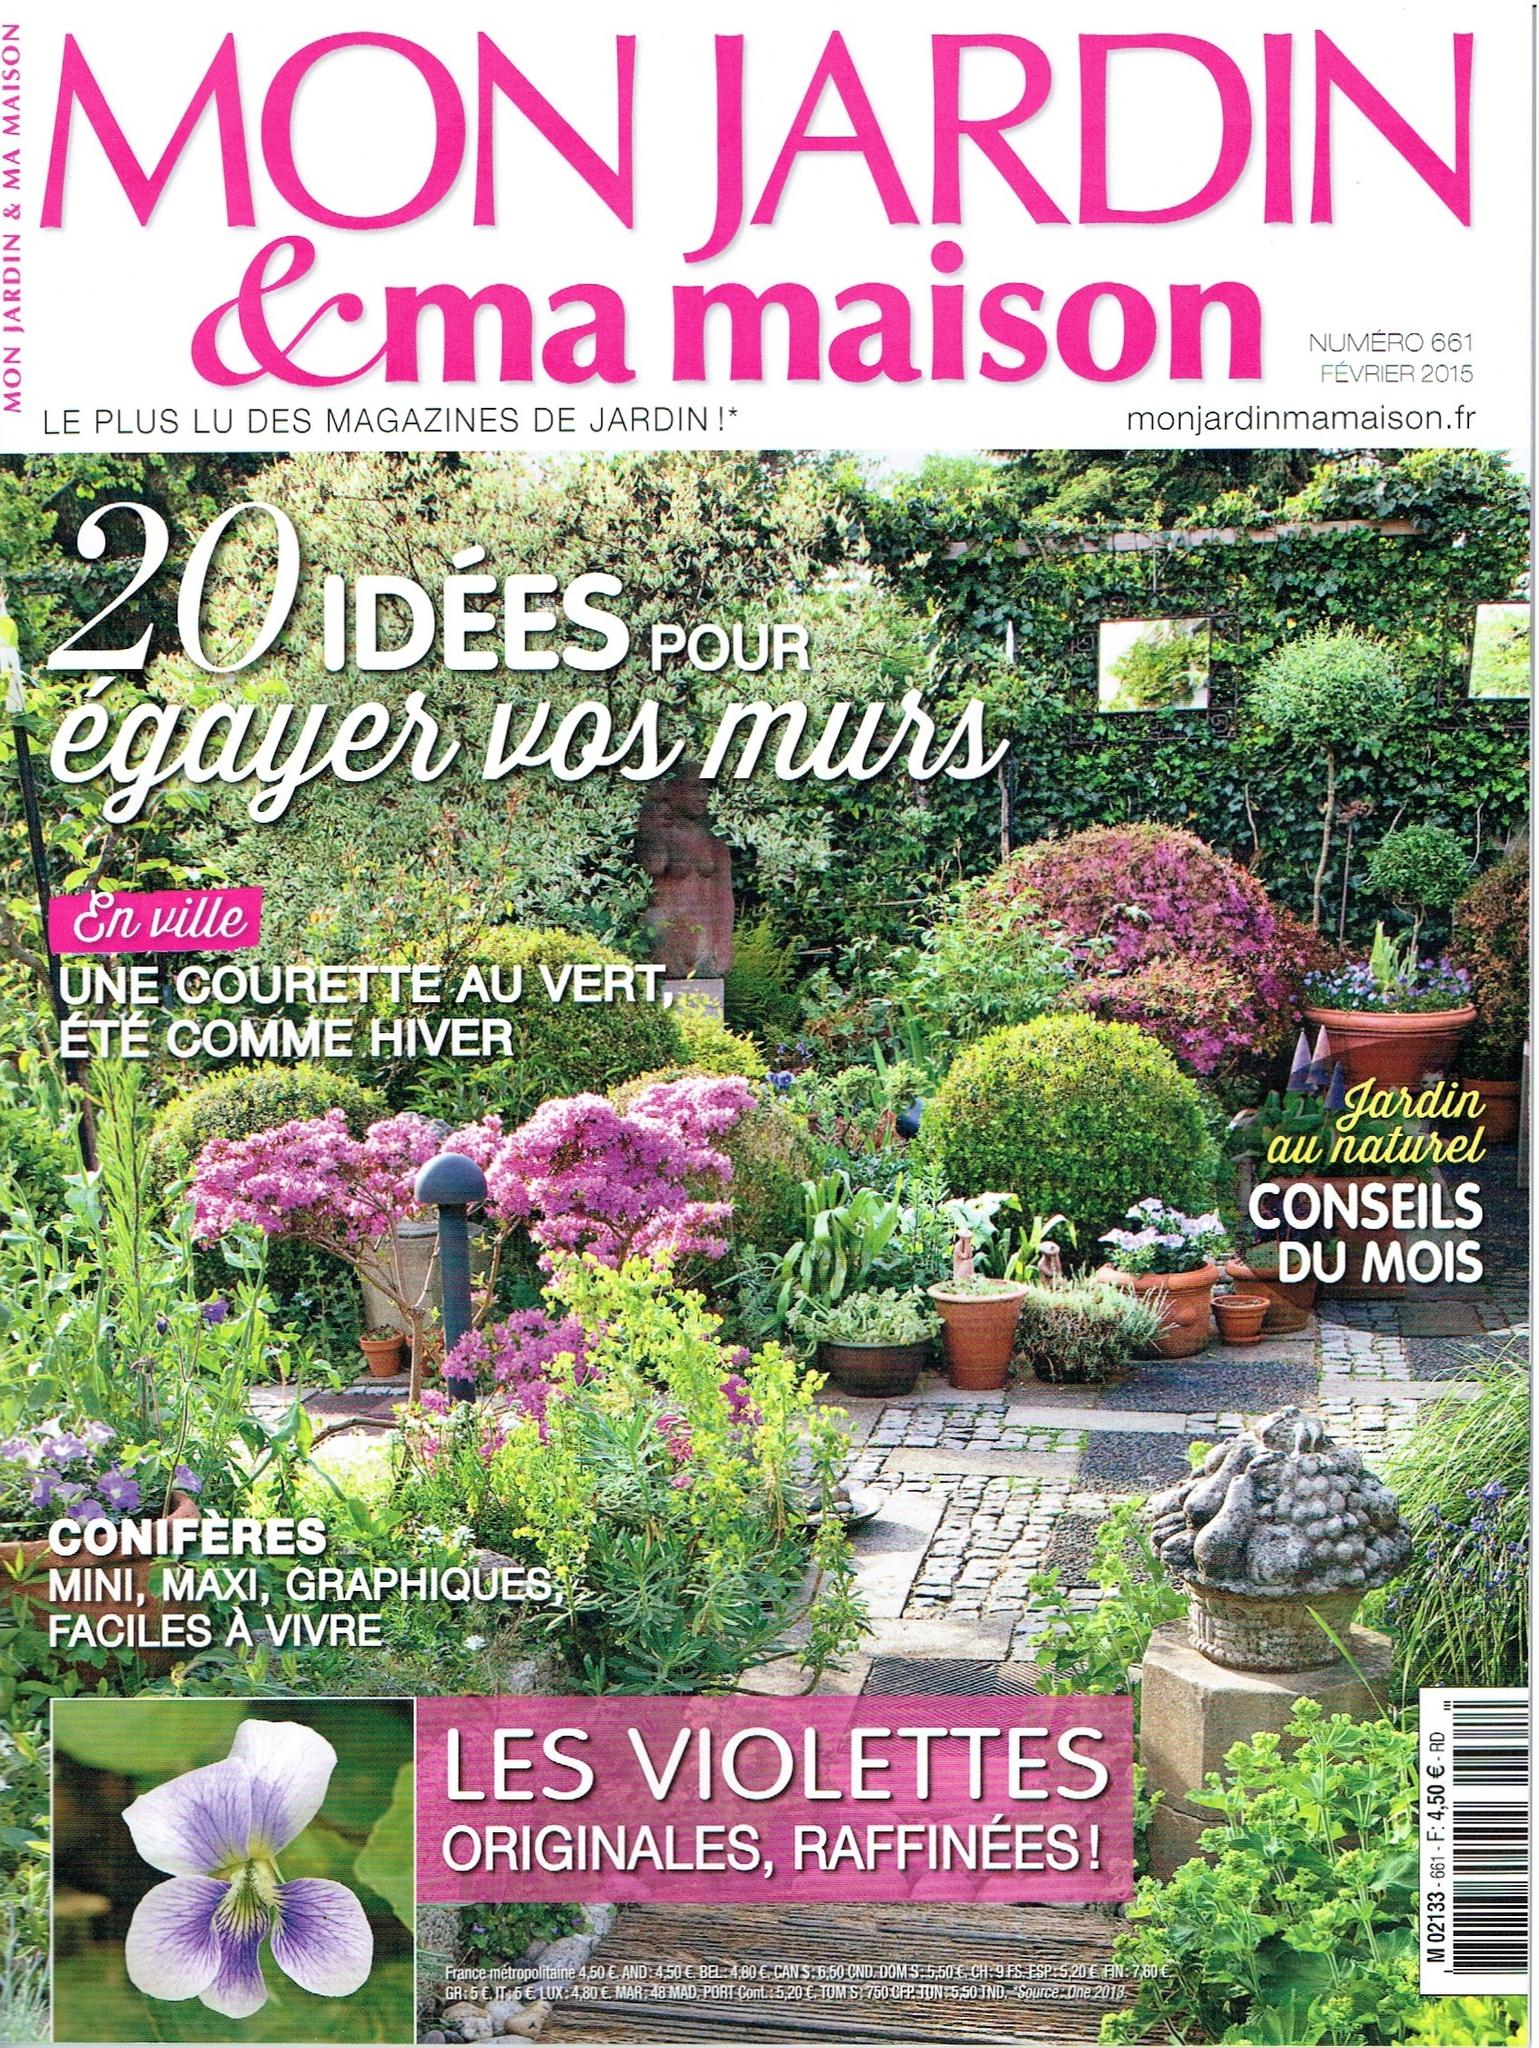 Mon Jardin, Ma Maison - Les Fleurs Ont Une Âme encequiconcerne Magazine Mon Jardin Et Ma Maison